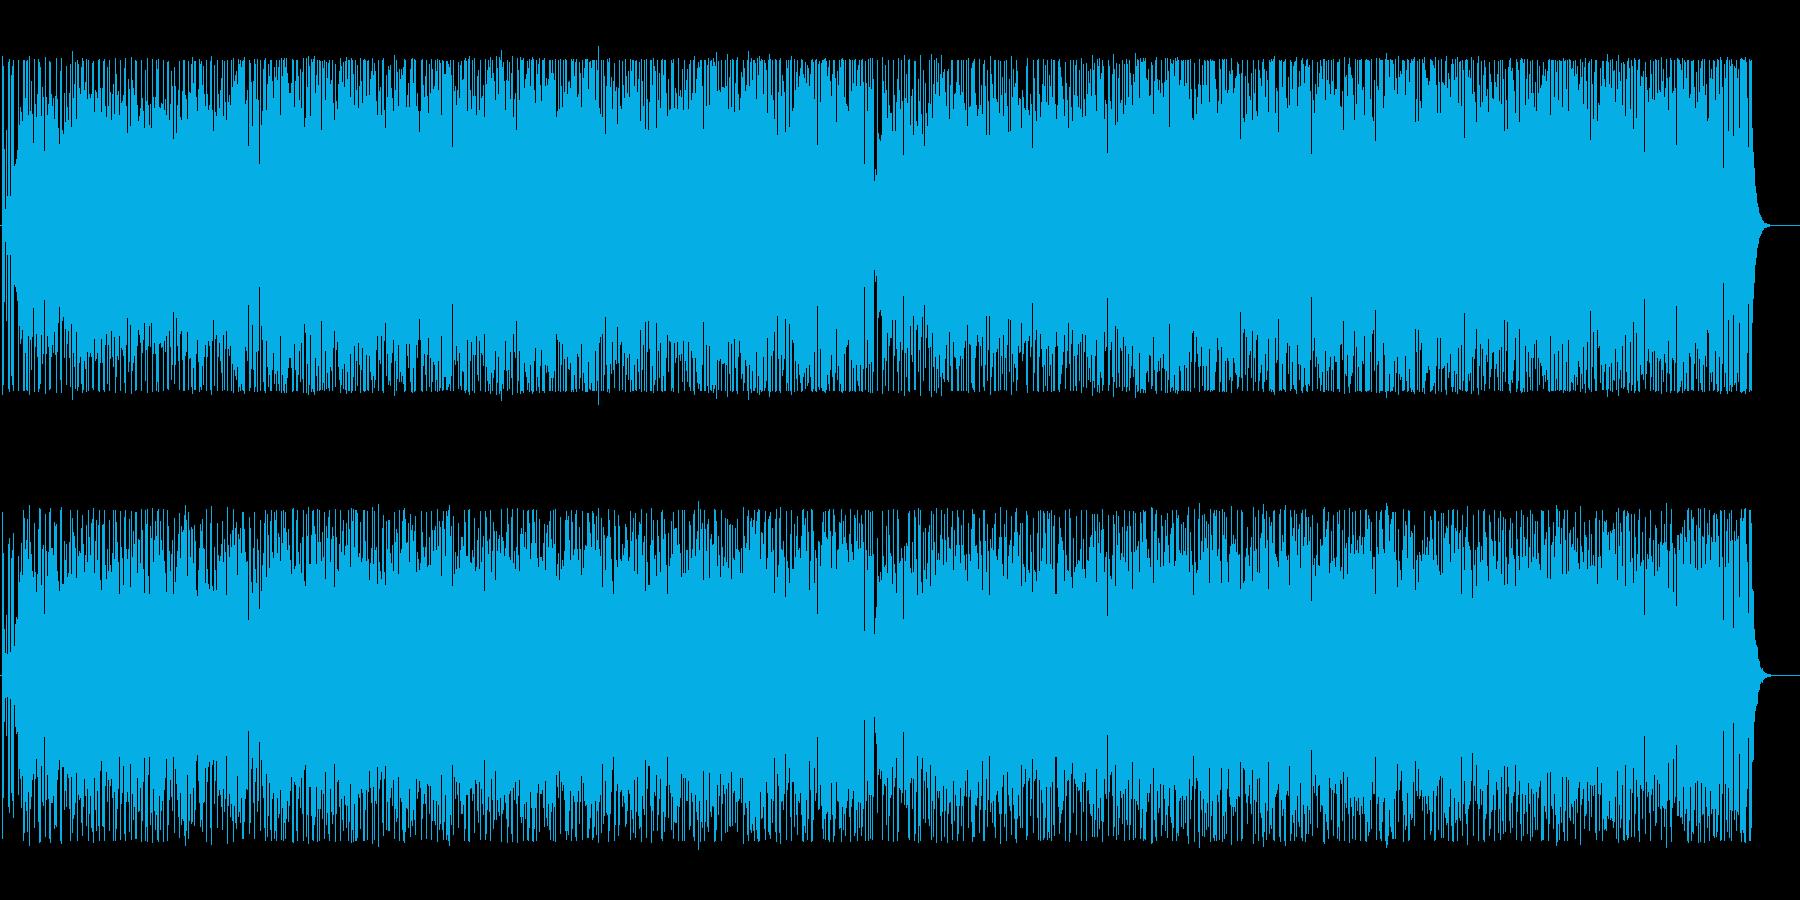 軽快なラテン調のBGMの再生済みの波形